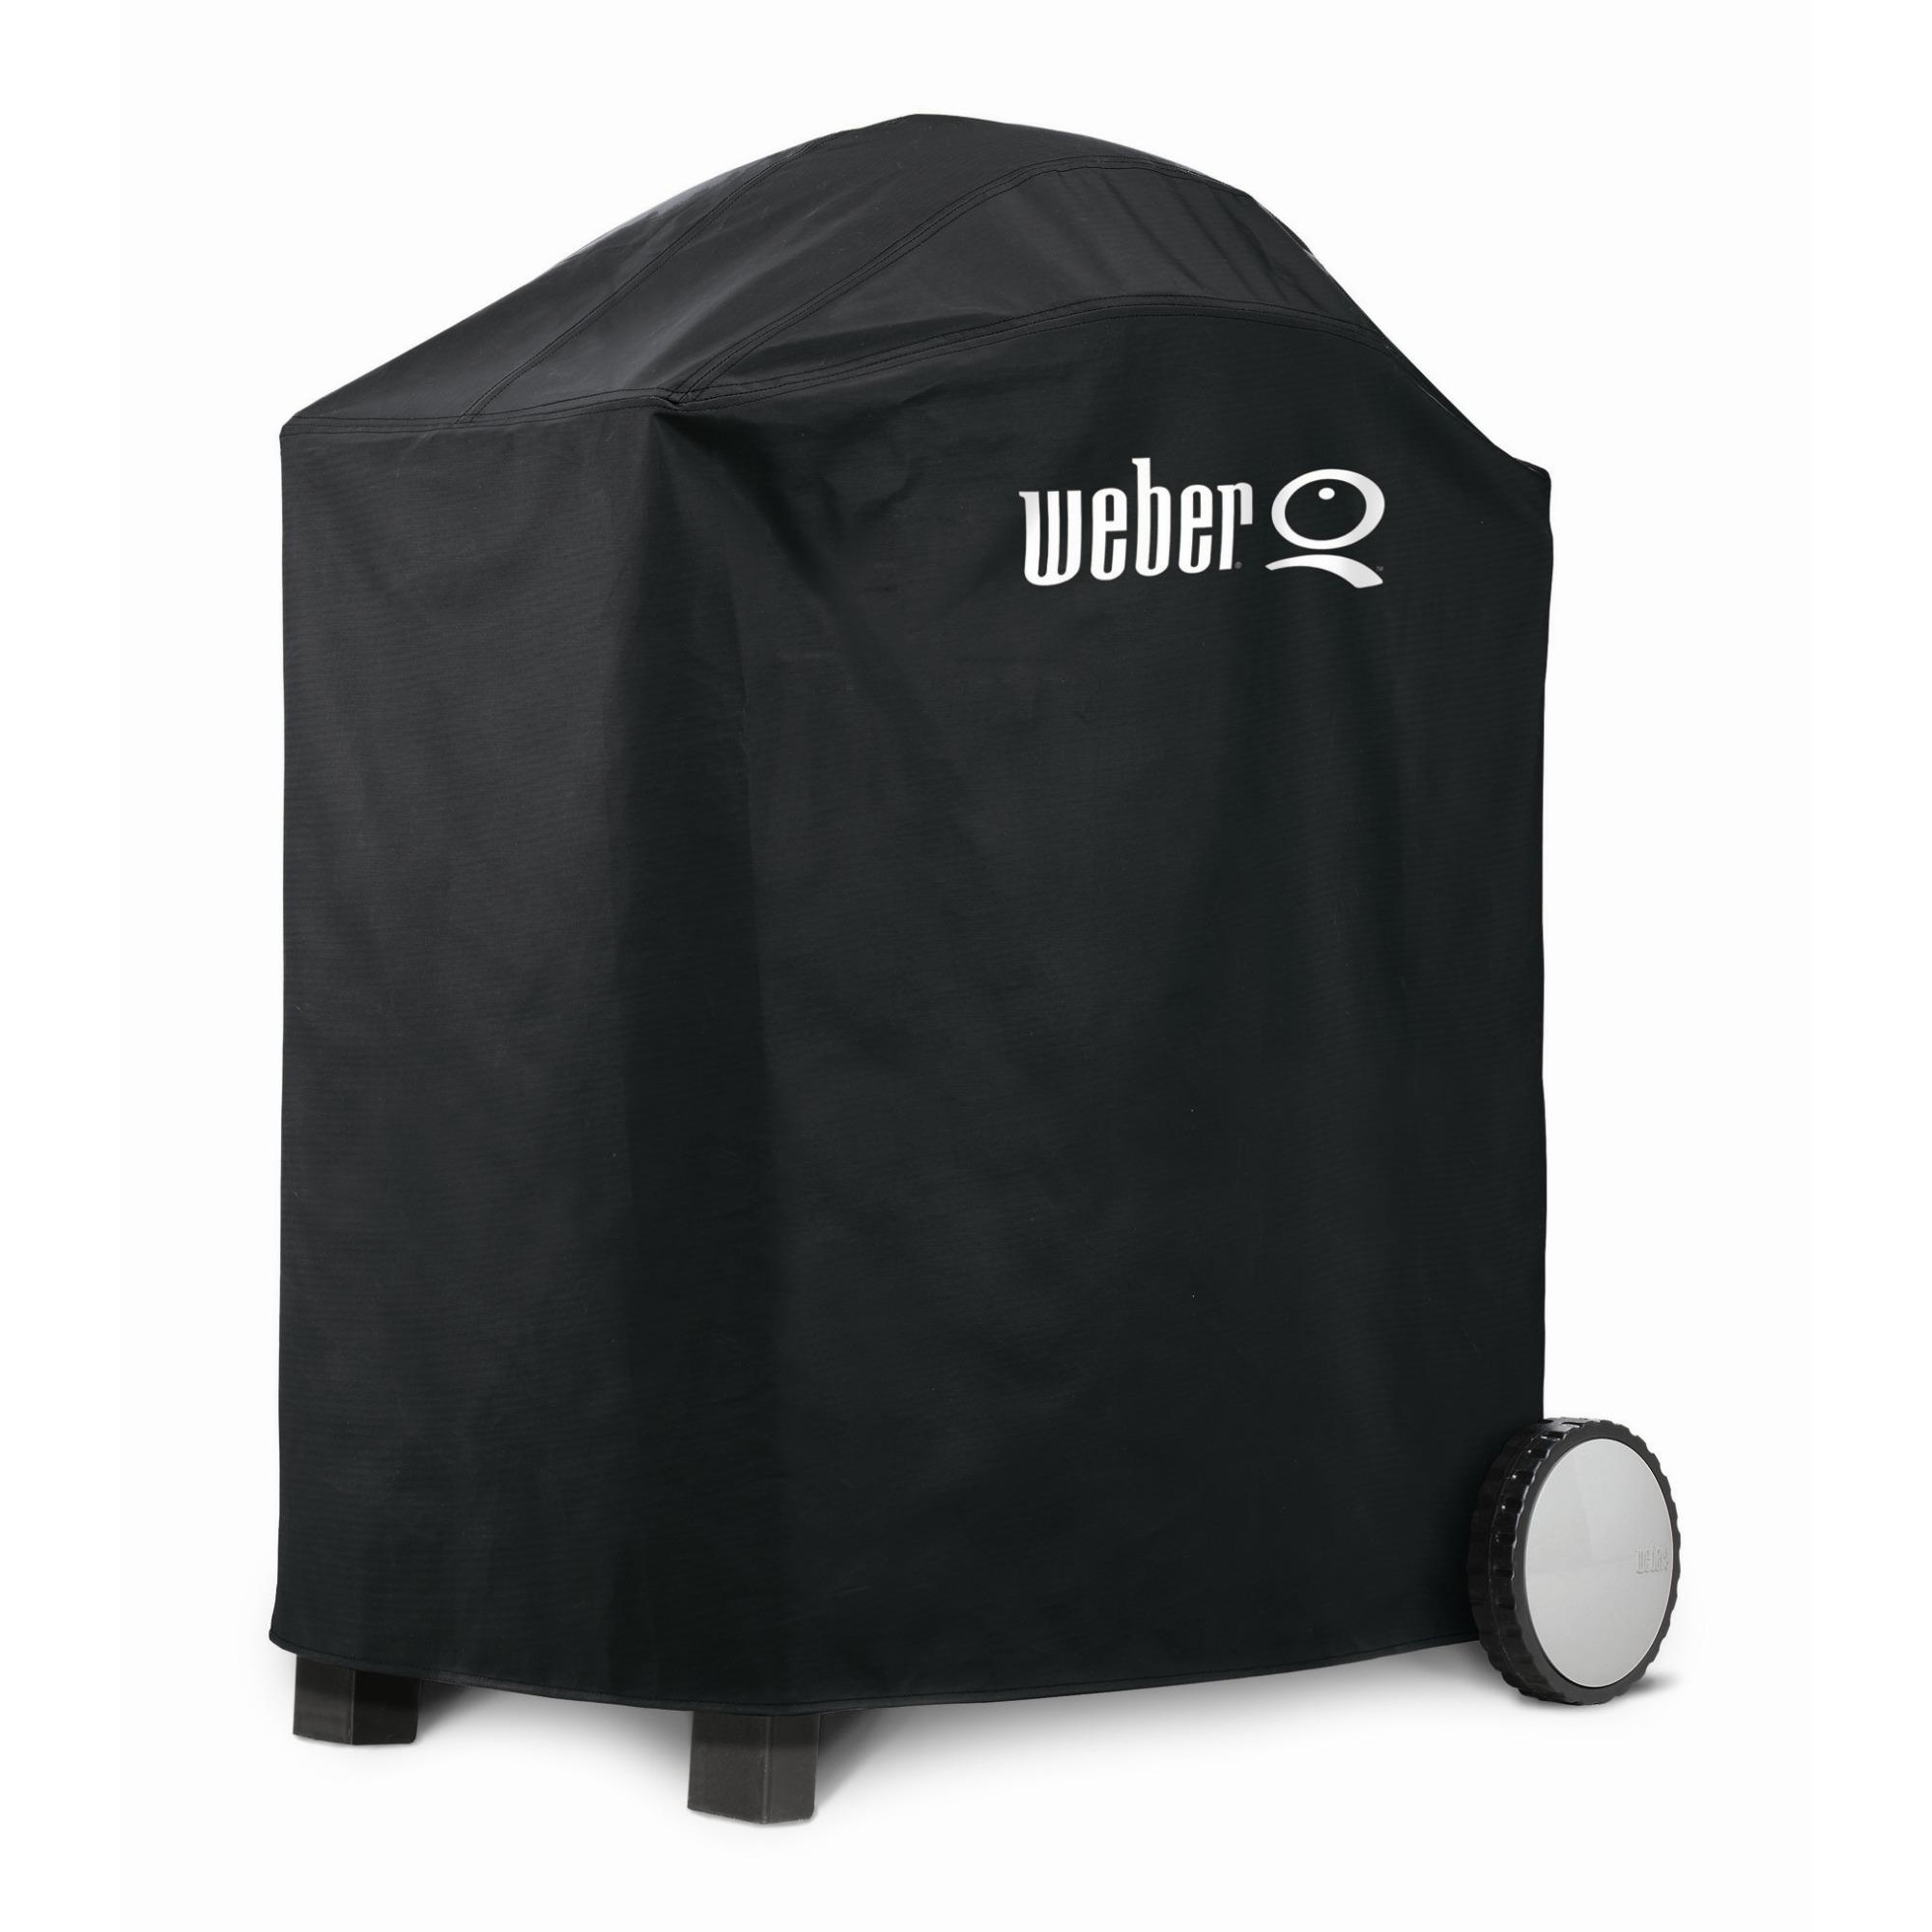 Weber verhoogd grillrooster Q-serie klein